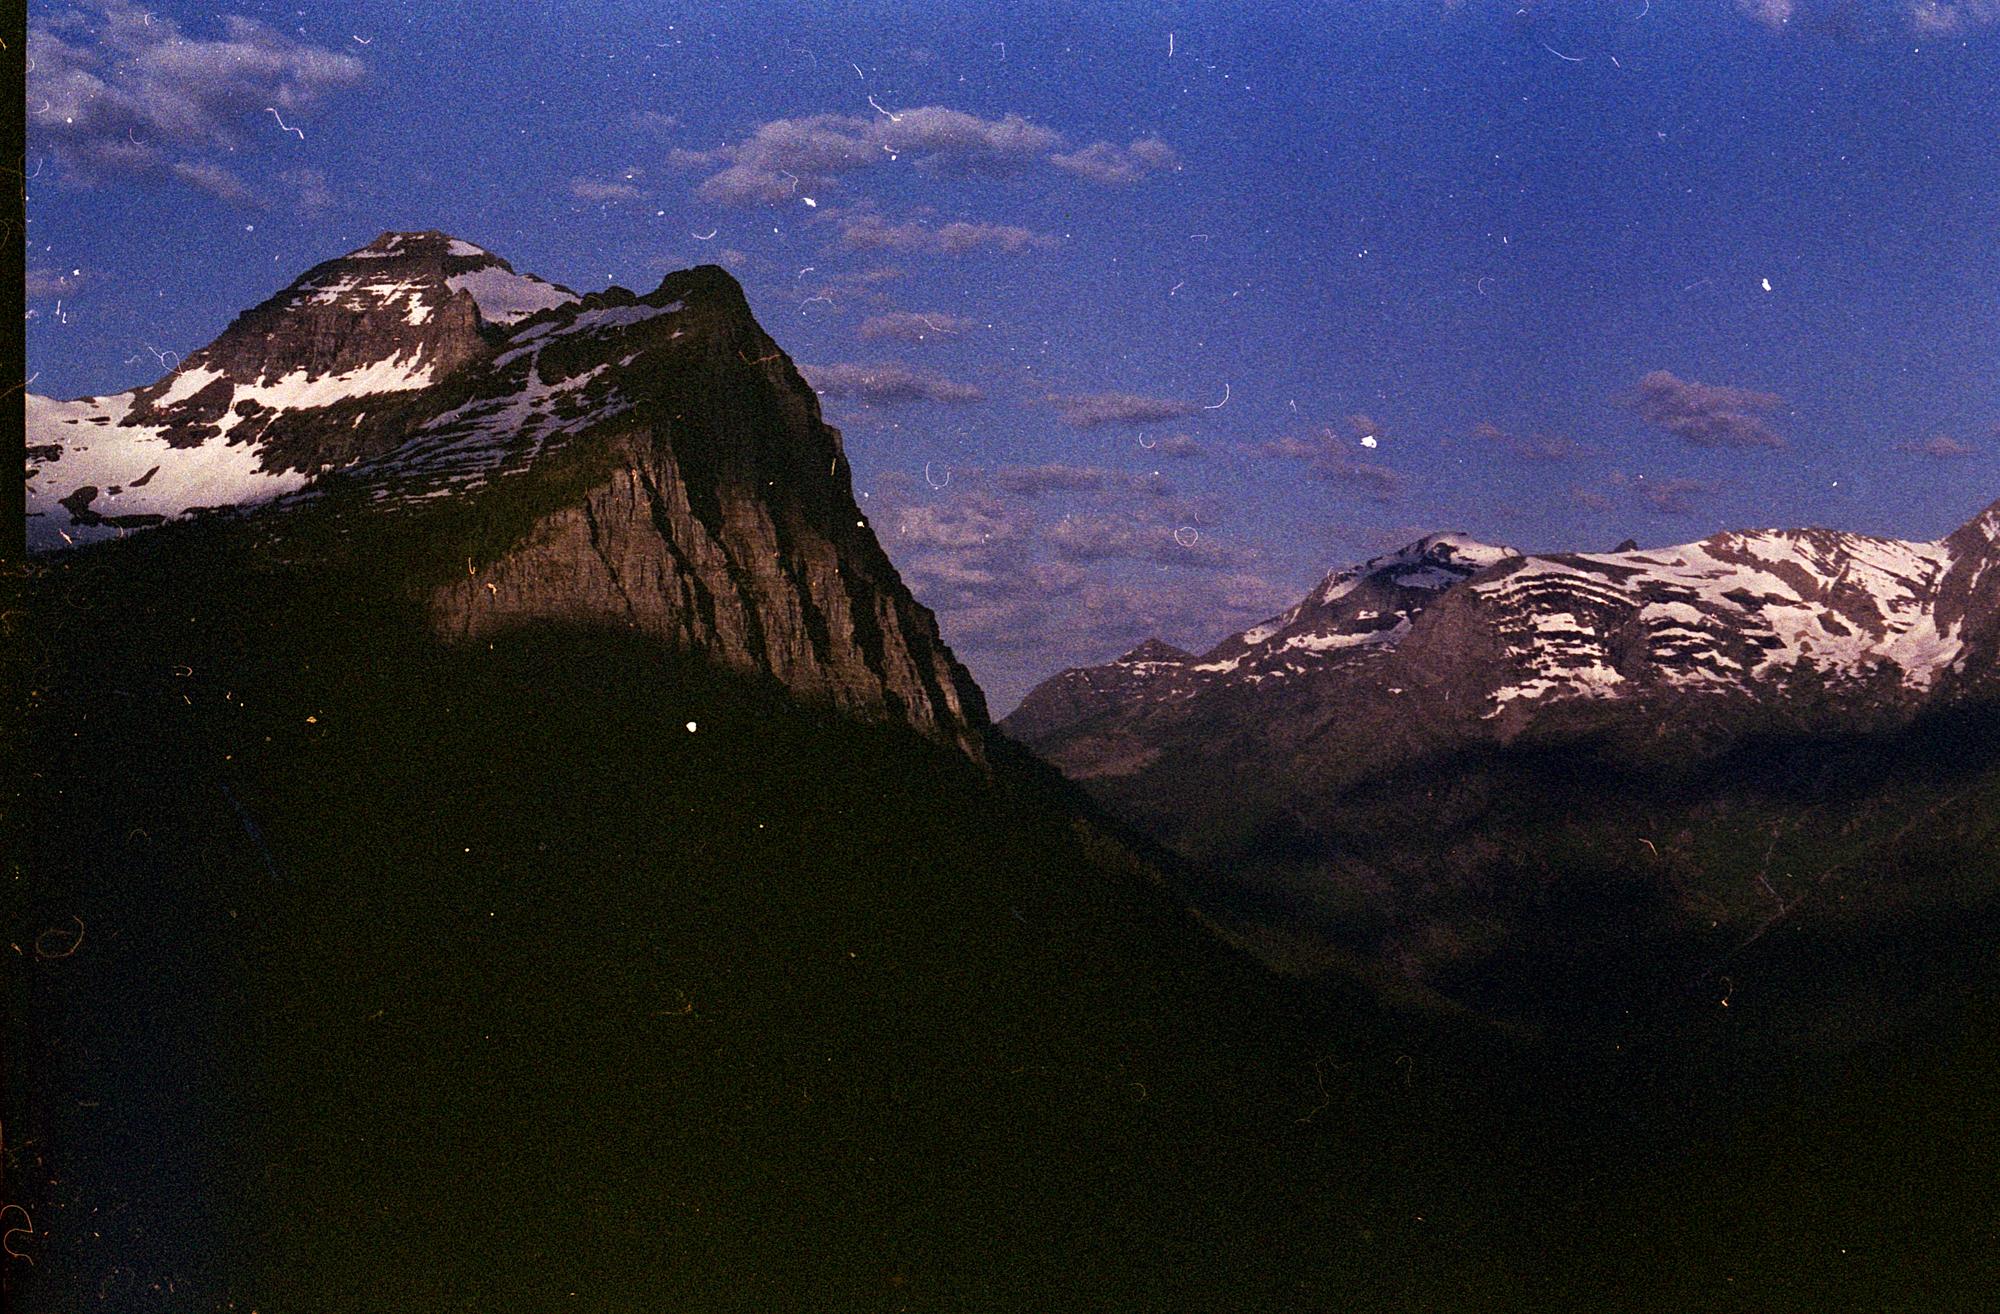 Film_glacier_4x5.jpg